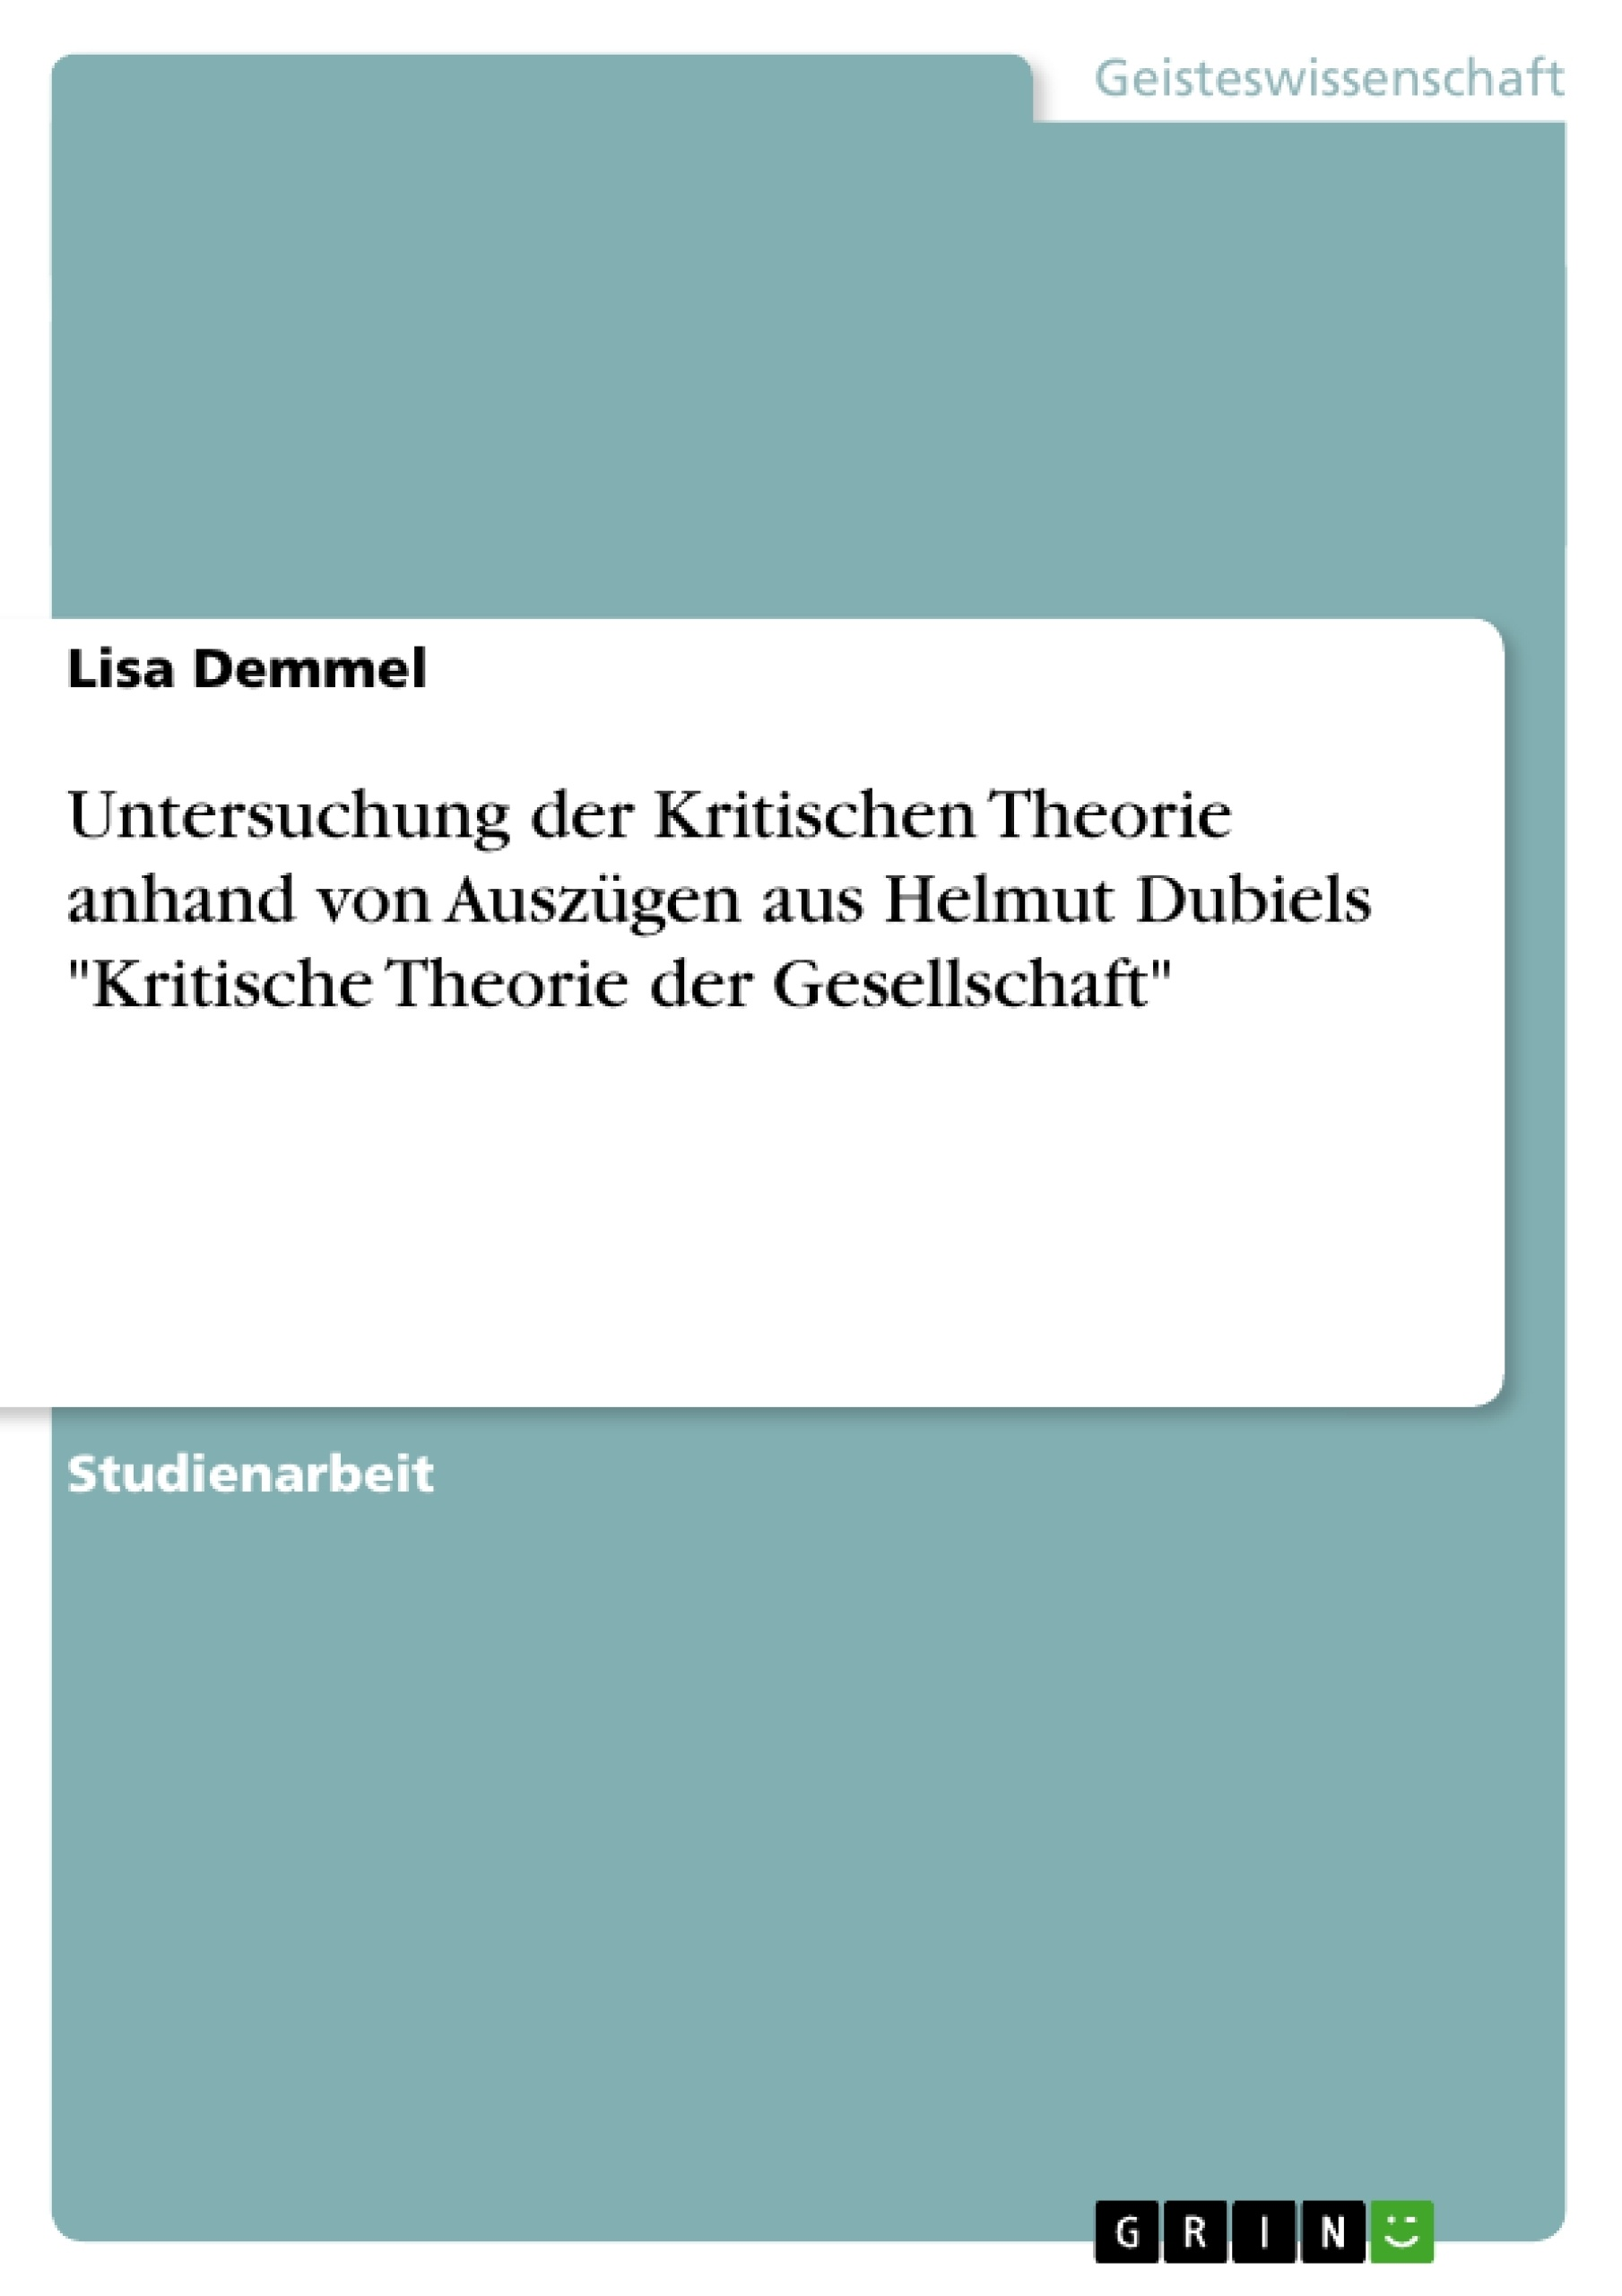 """Titel: Untersuchung der Kritischen Theorie anhand von Auszügen aus Helmut Dubiels """"Kritische Theorie der Gesellschaft"""""""